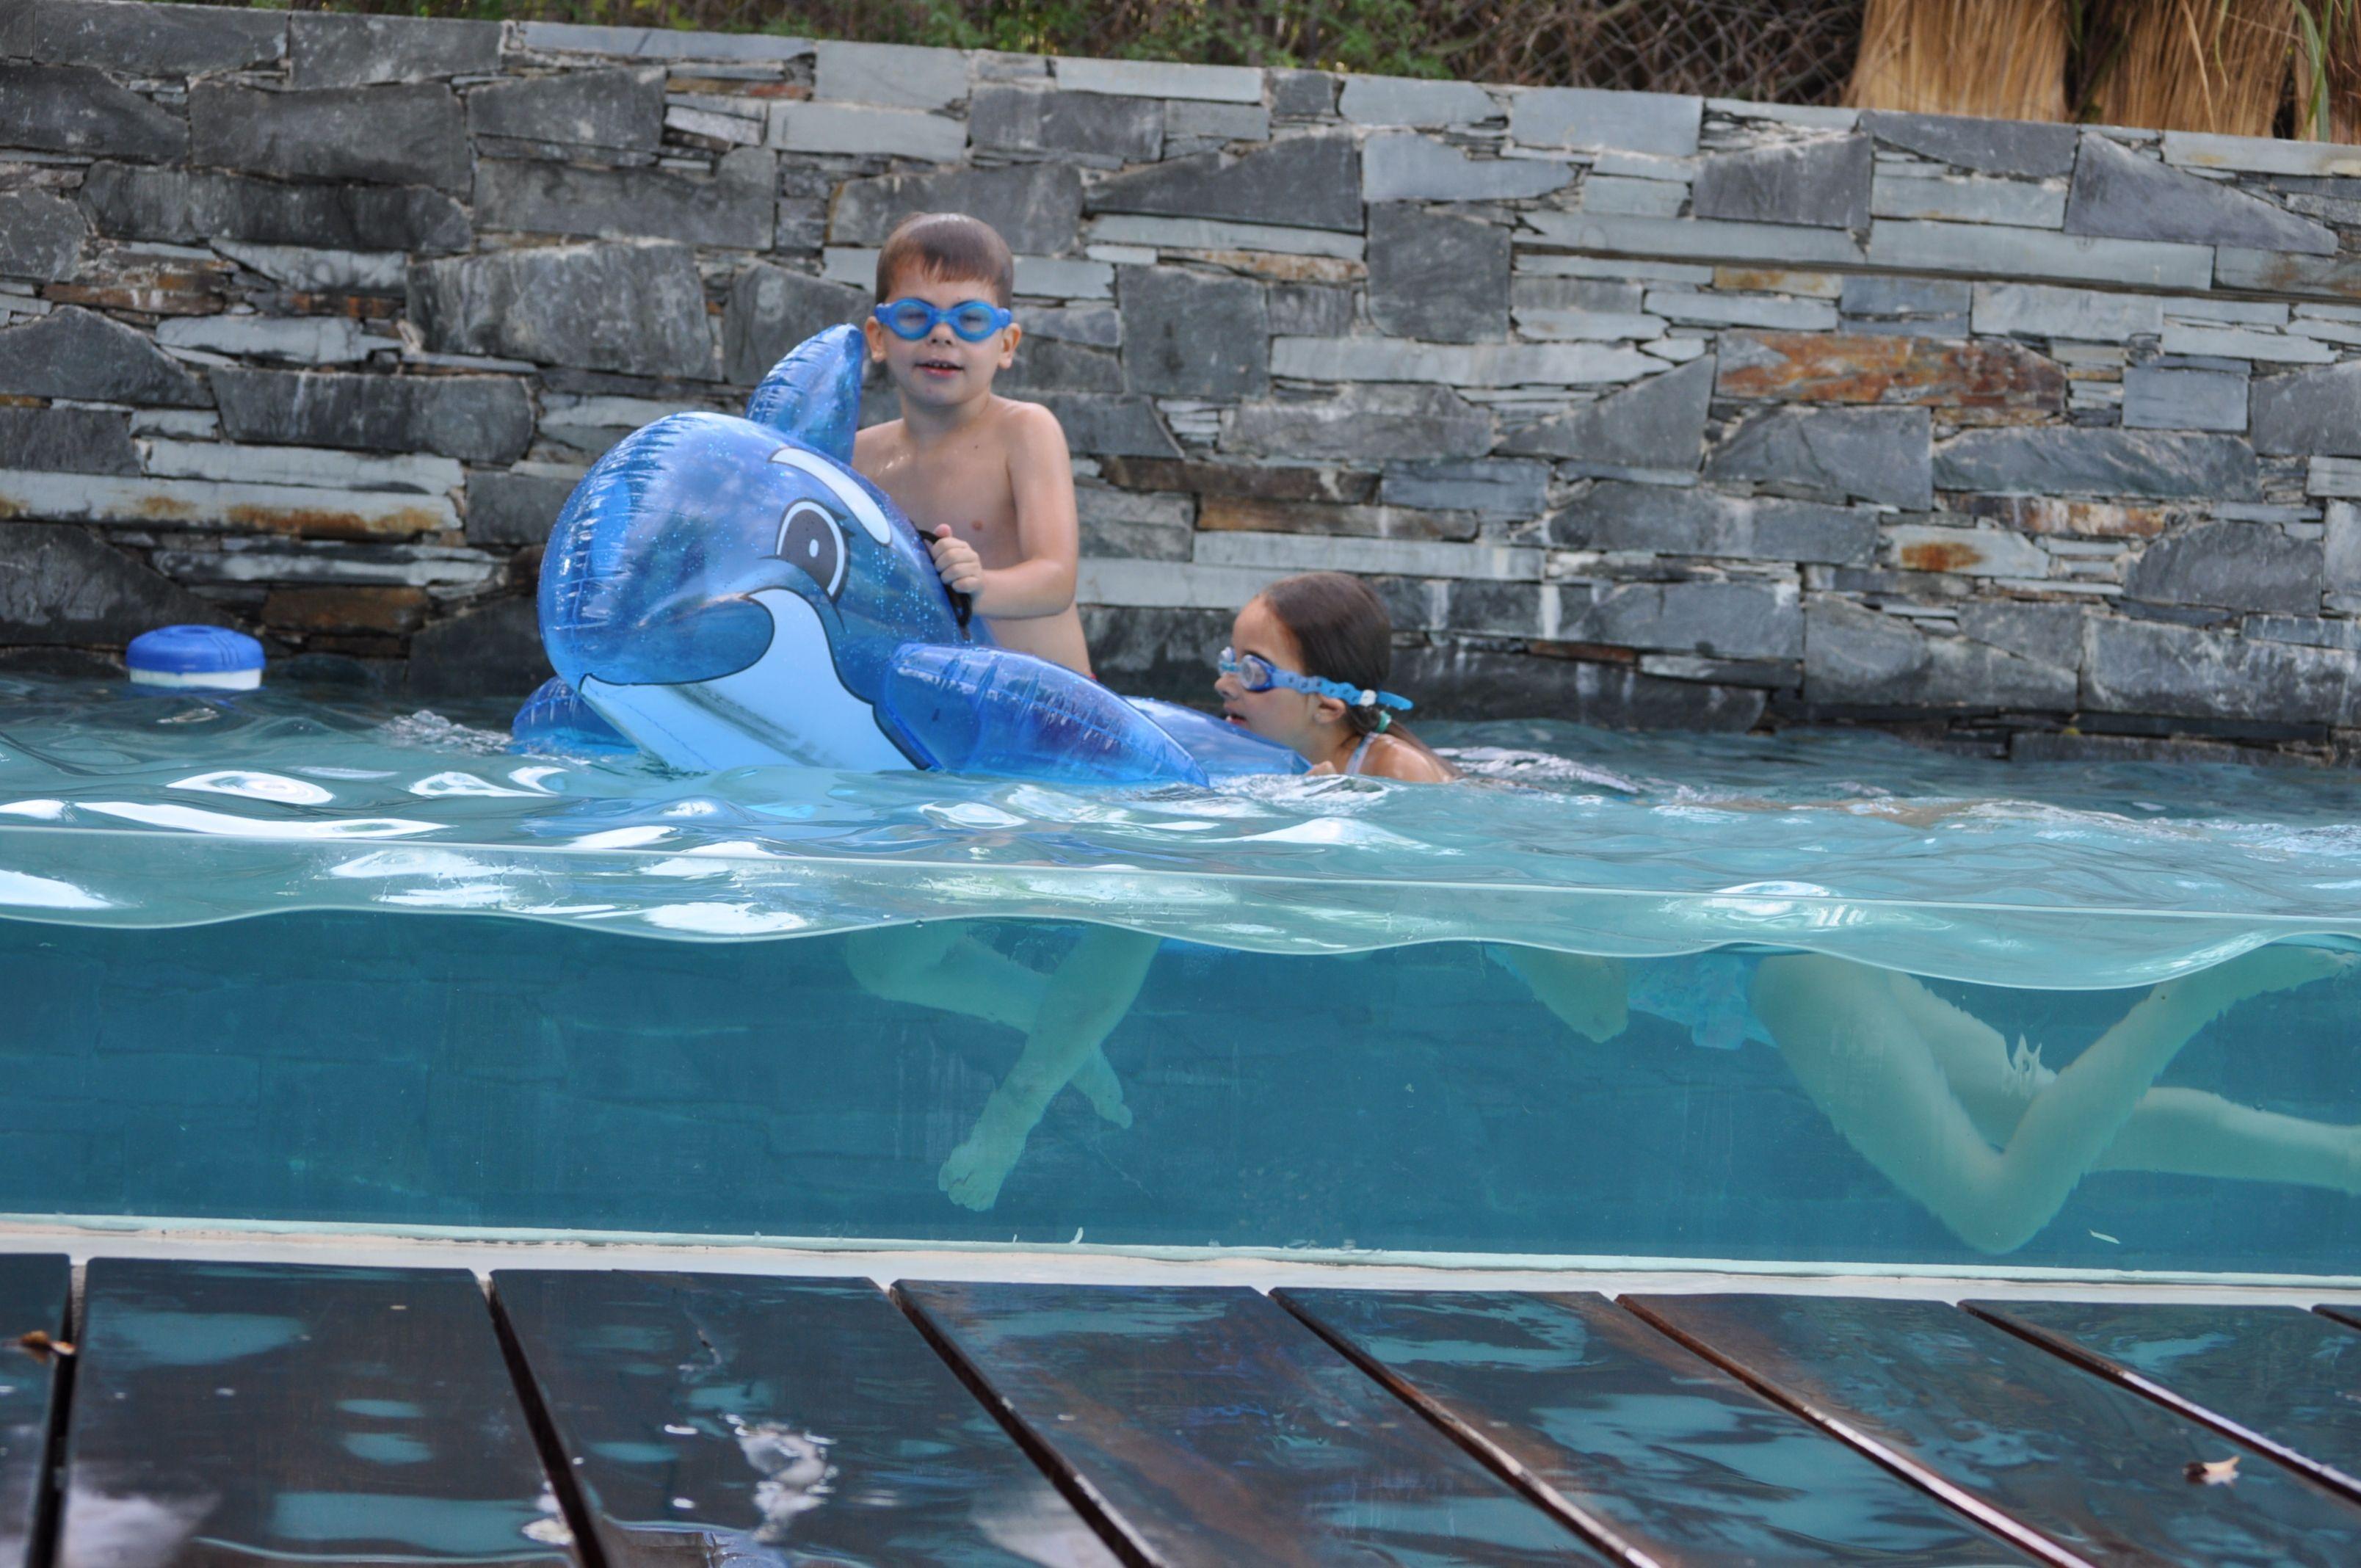 Piscina infinty glass lengua de agua iluminacion - Vidrio para piscinas ...